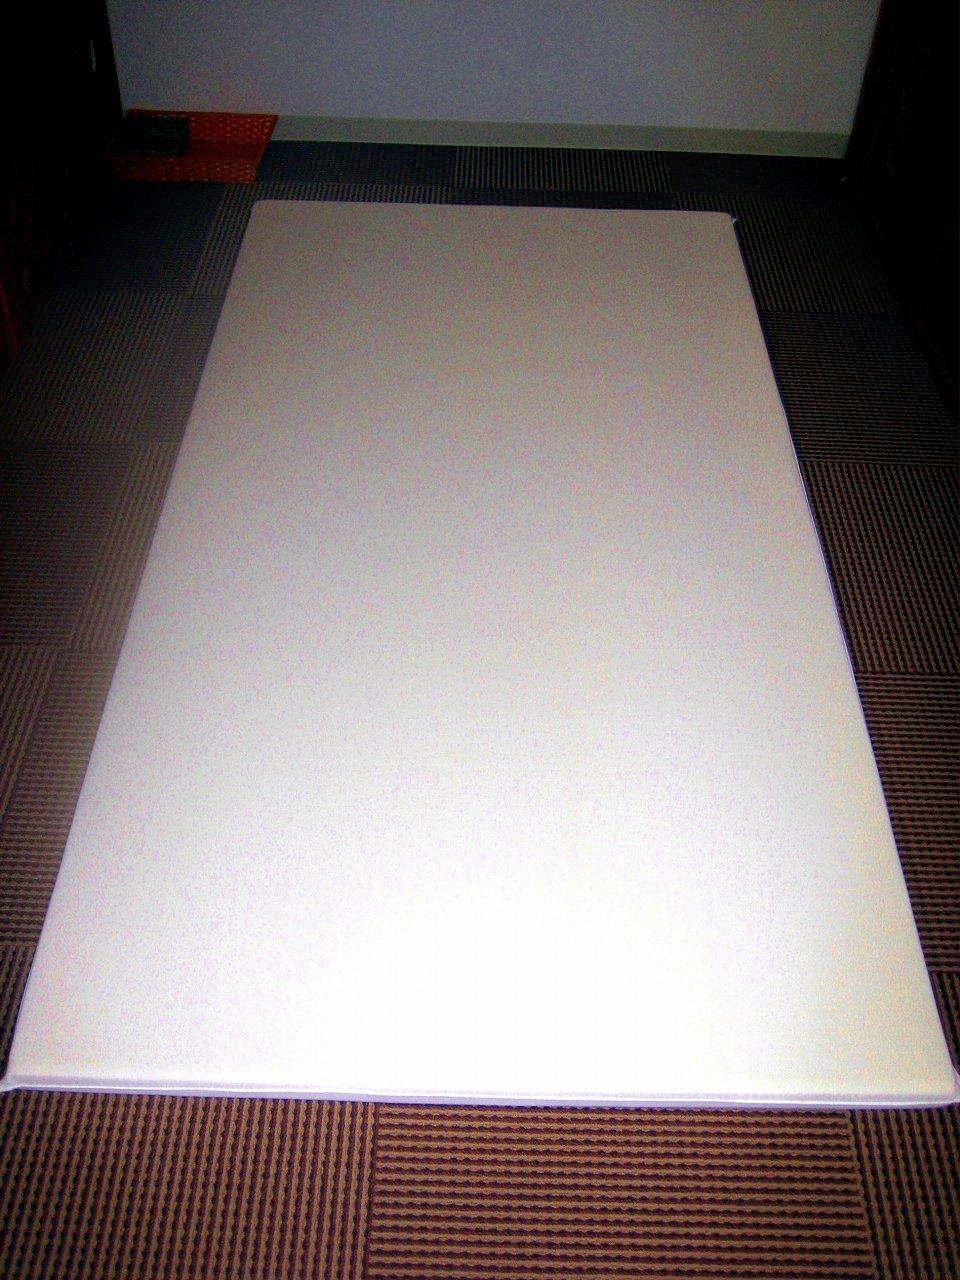 マッサージ用マット ROYAL FOAM(オリジナル)折り畳みできません。 L 2000mm×W 1000mm×H 40mm(消費税込み)   B017UIP5AY